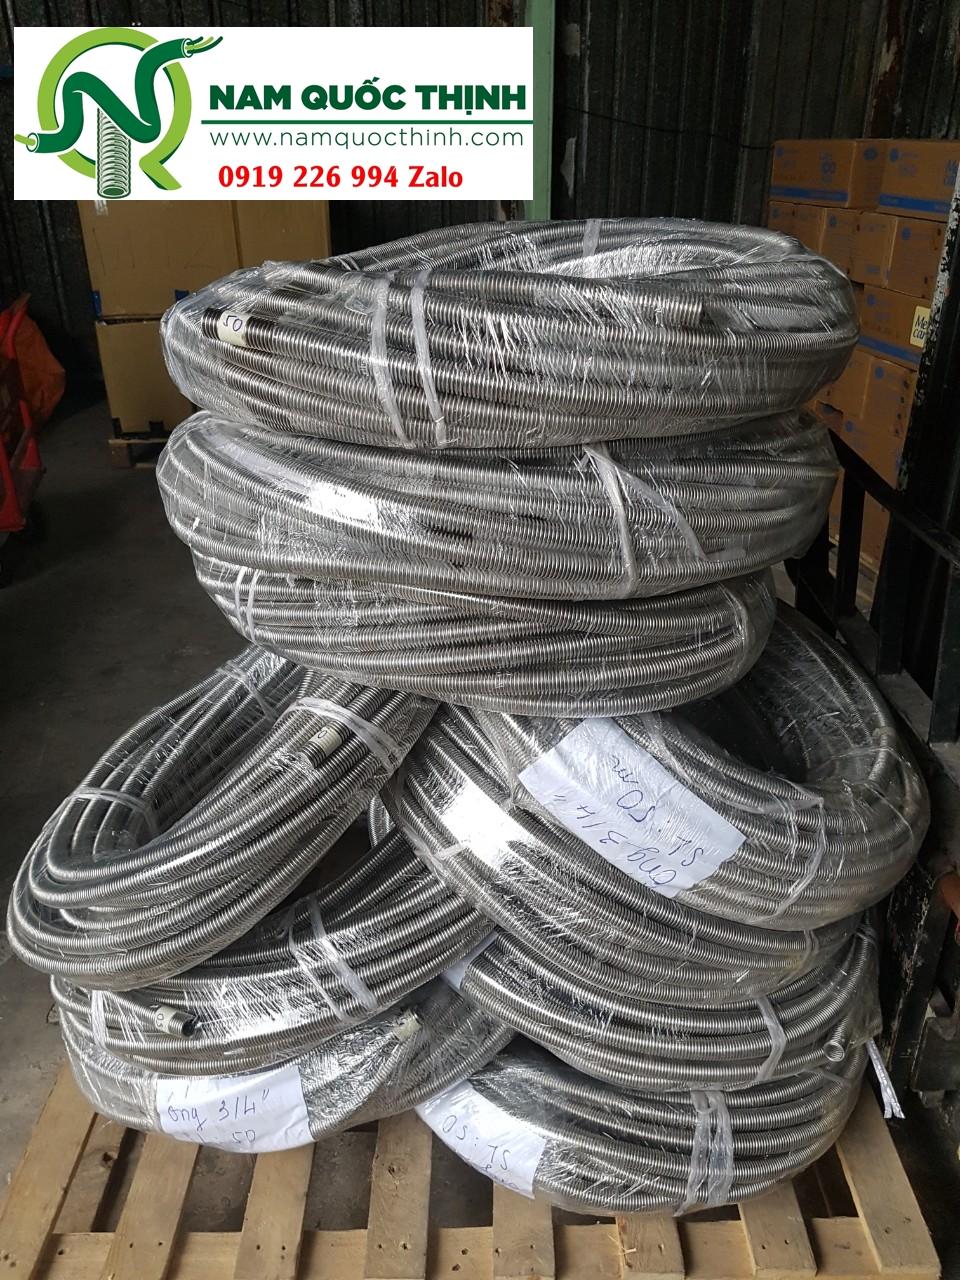 Bảng giá ống ruột gà inox 304 Nam Quốc Thịnh